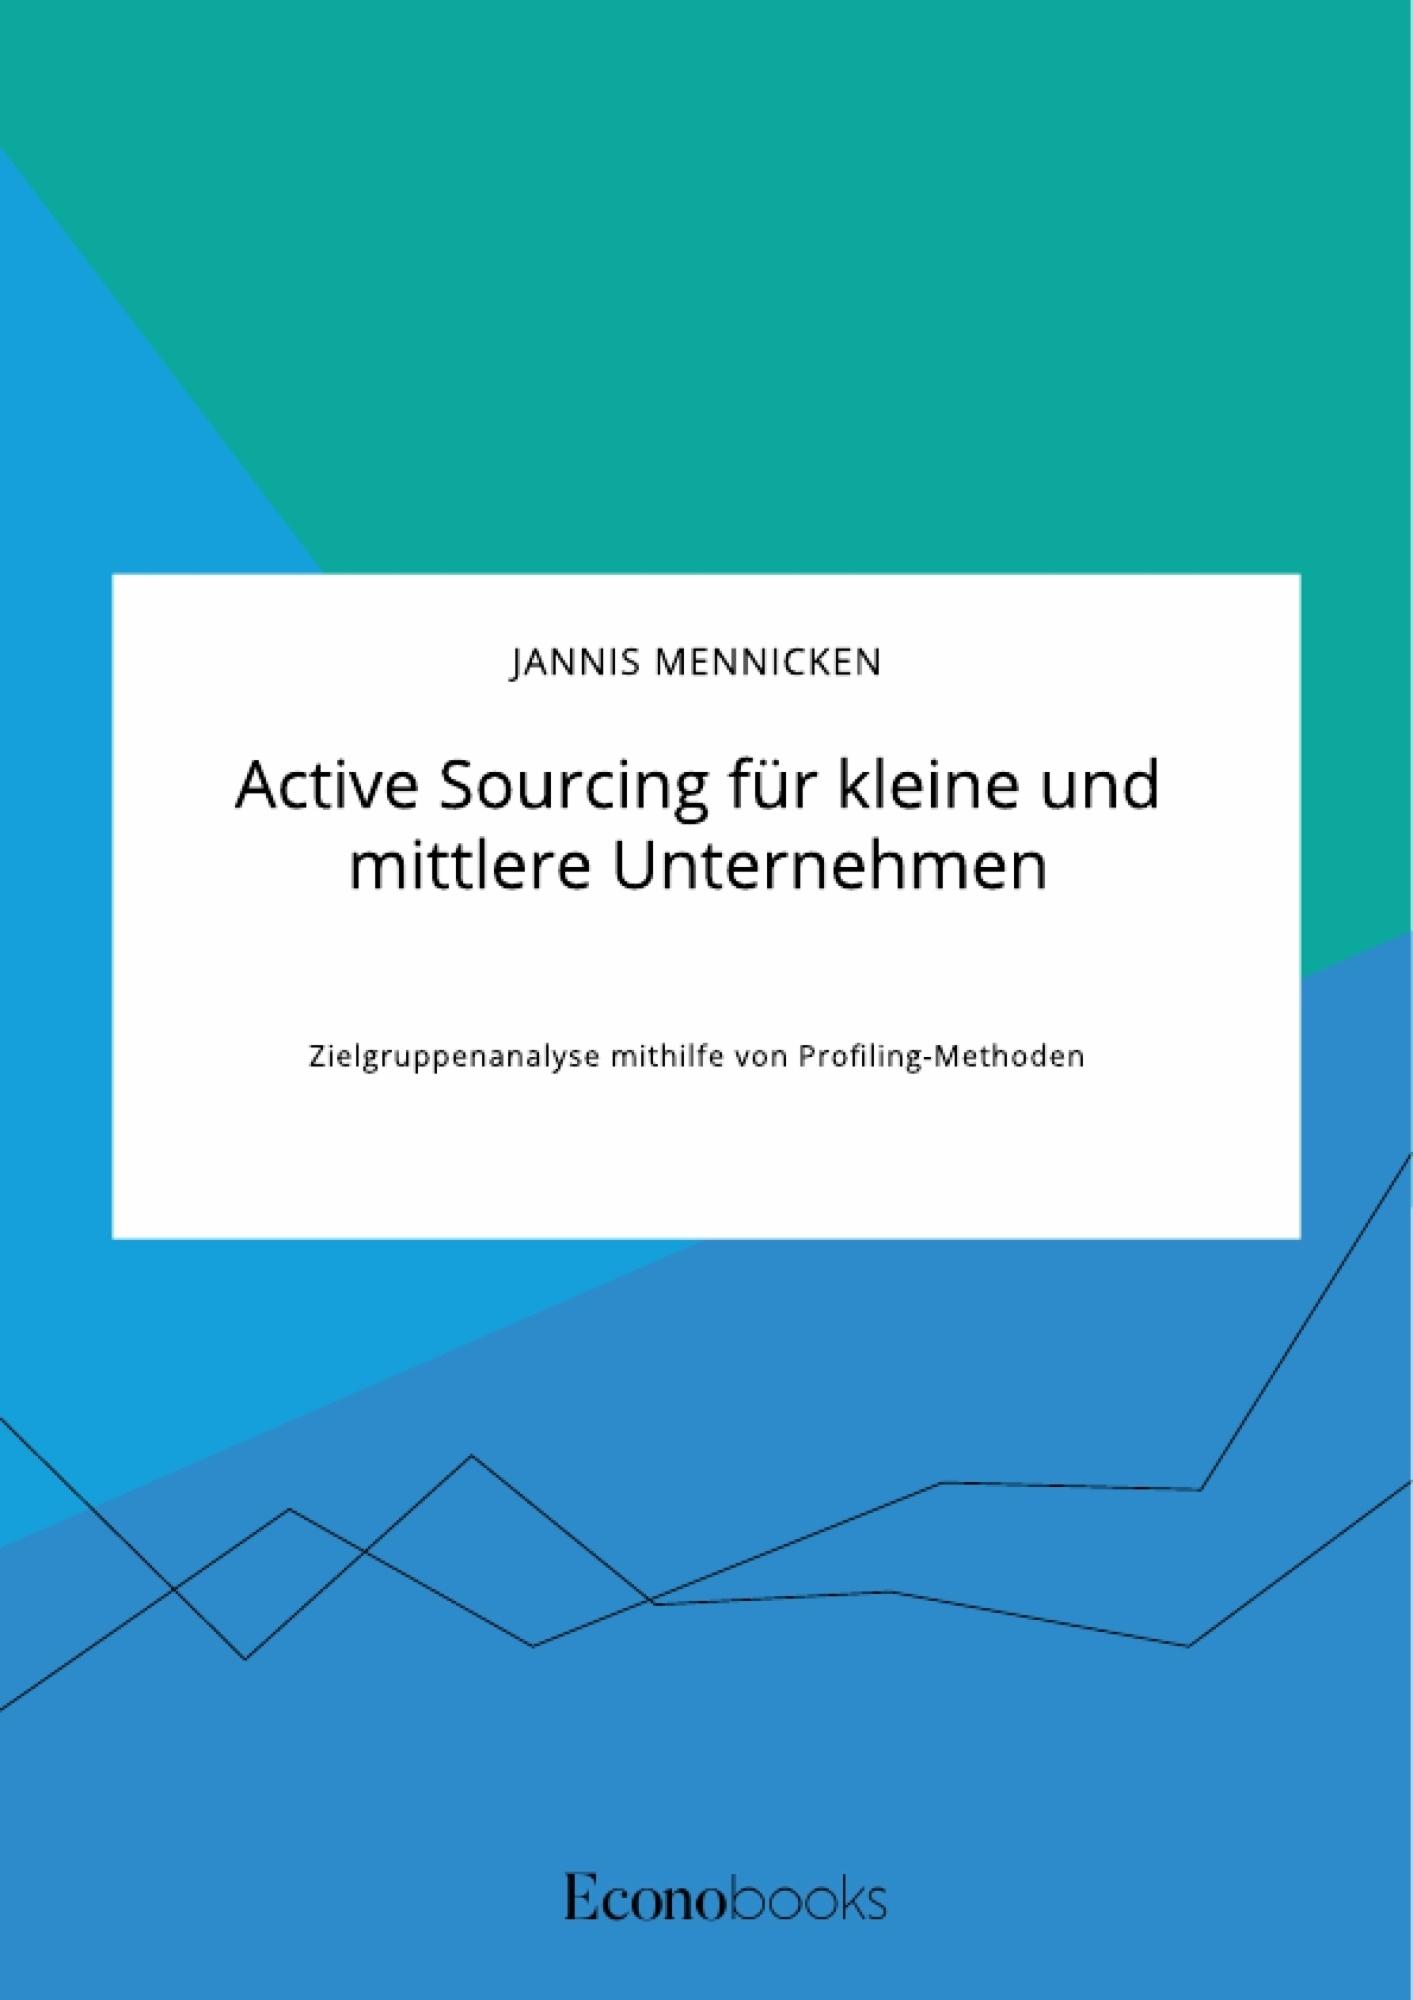 Titel: Active Sourcing für kleine und mittlere Unternehmen. Zielgruppenanalyse mithilfe von Profiling-Methoden